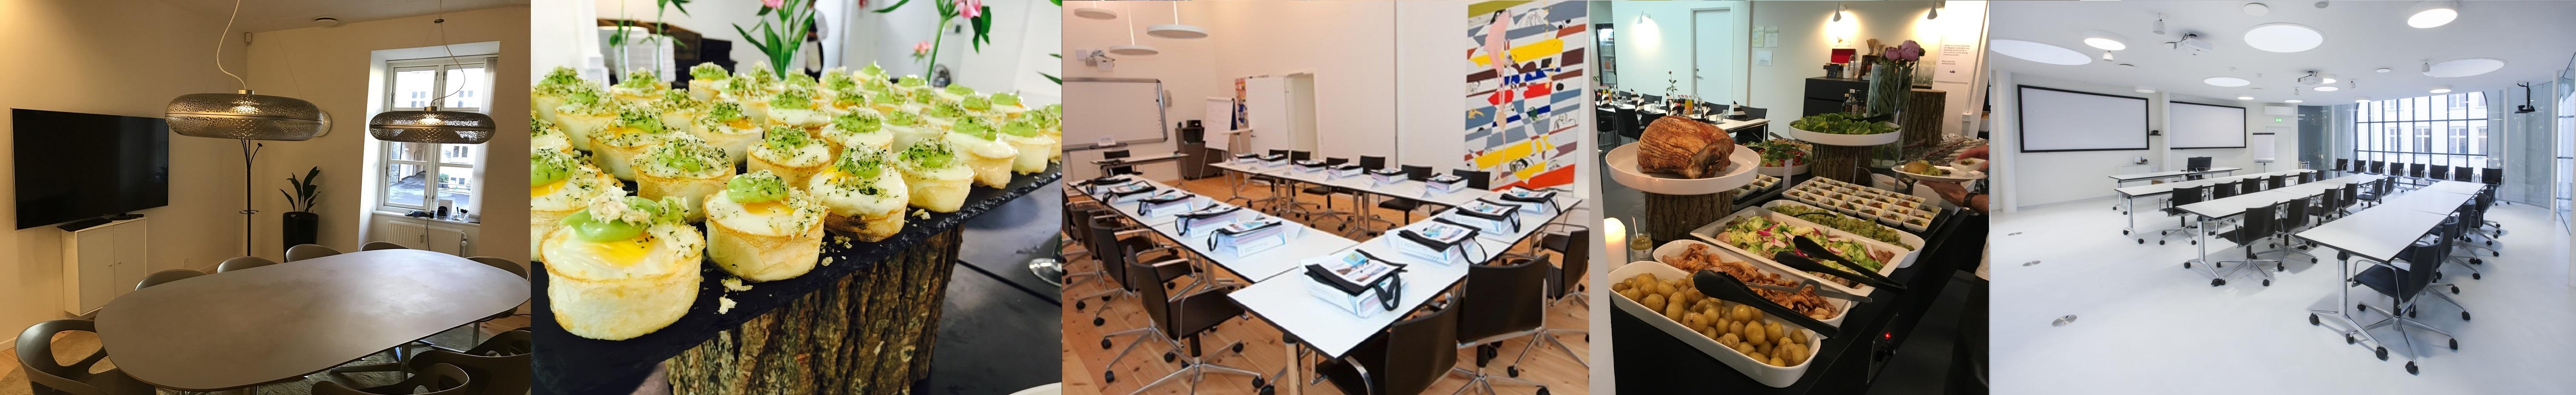 Vi holder kurser hos Danske Advokater, i Danmarks bedste kursuslokaler og en overdådig buffet.